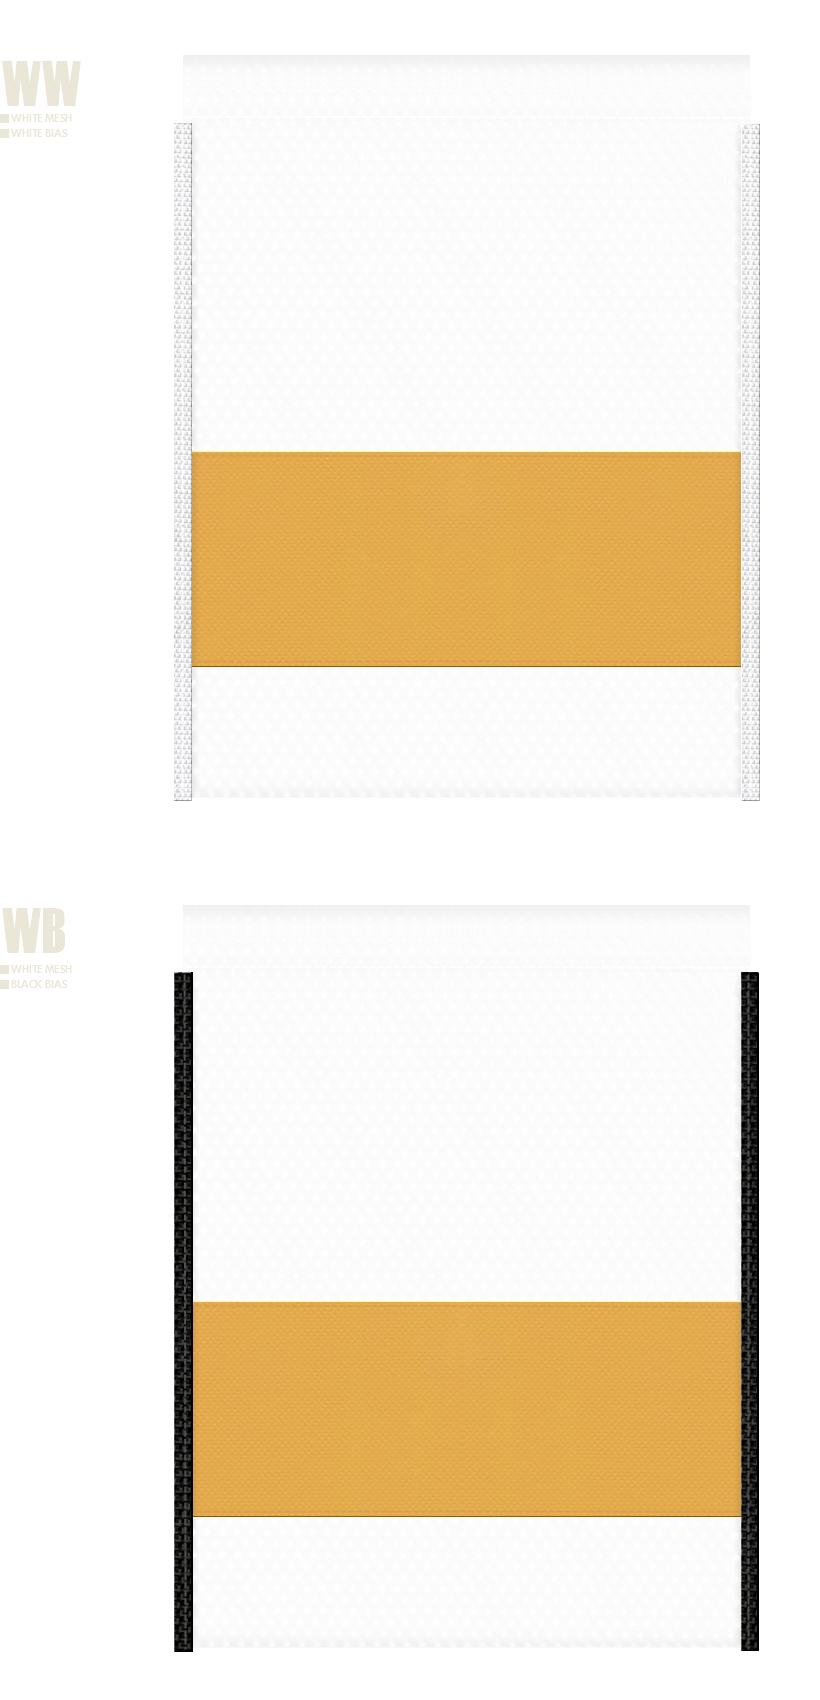 白色メッシュと黄土色不織布のメッシュバッグカラーシミュレーション:キャンプ用品・アウトドア用品・スポーツ用品・シューズバッグにお奨め